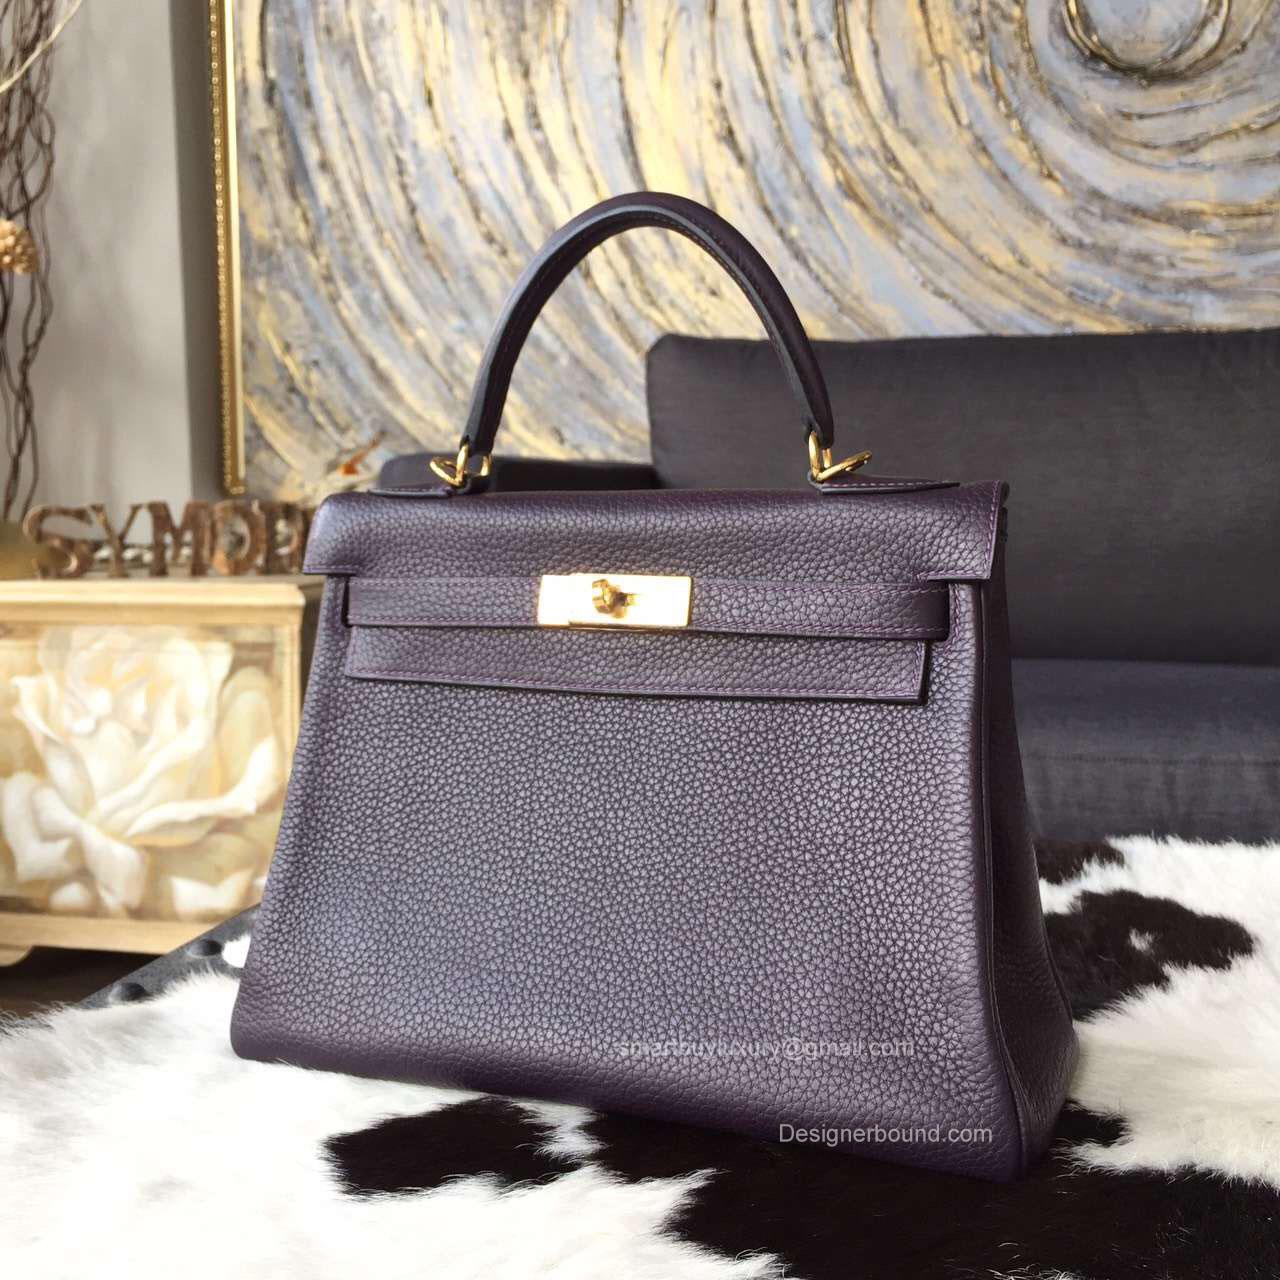 Hermes Kelly 32 Bag Raisin ck59 Togo Leather Handstitched Gold hw -